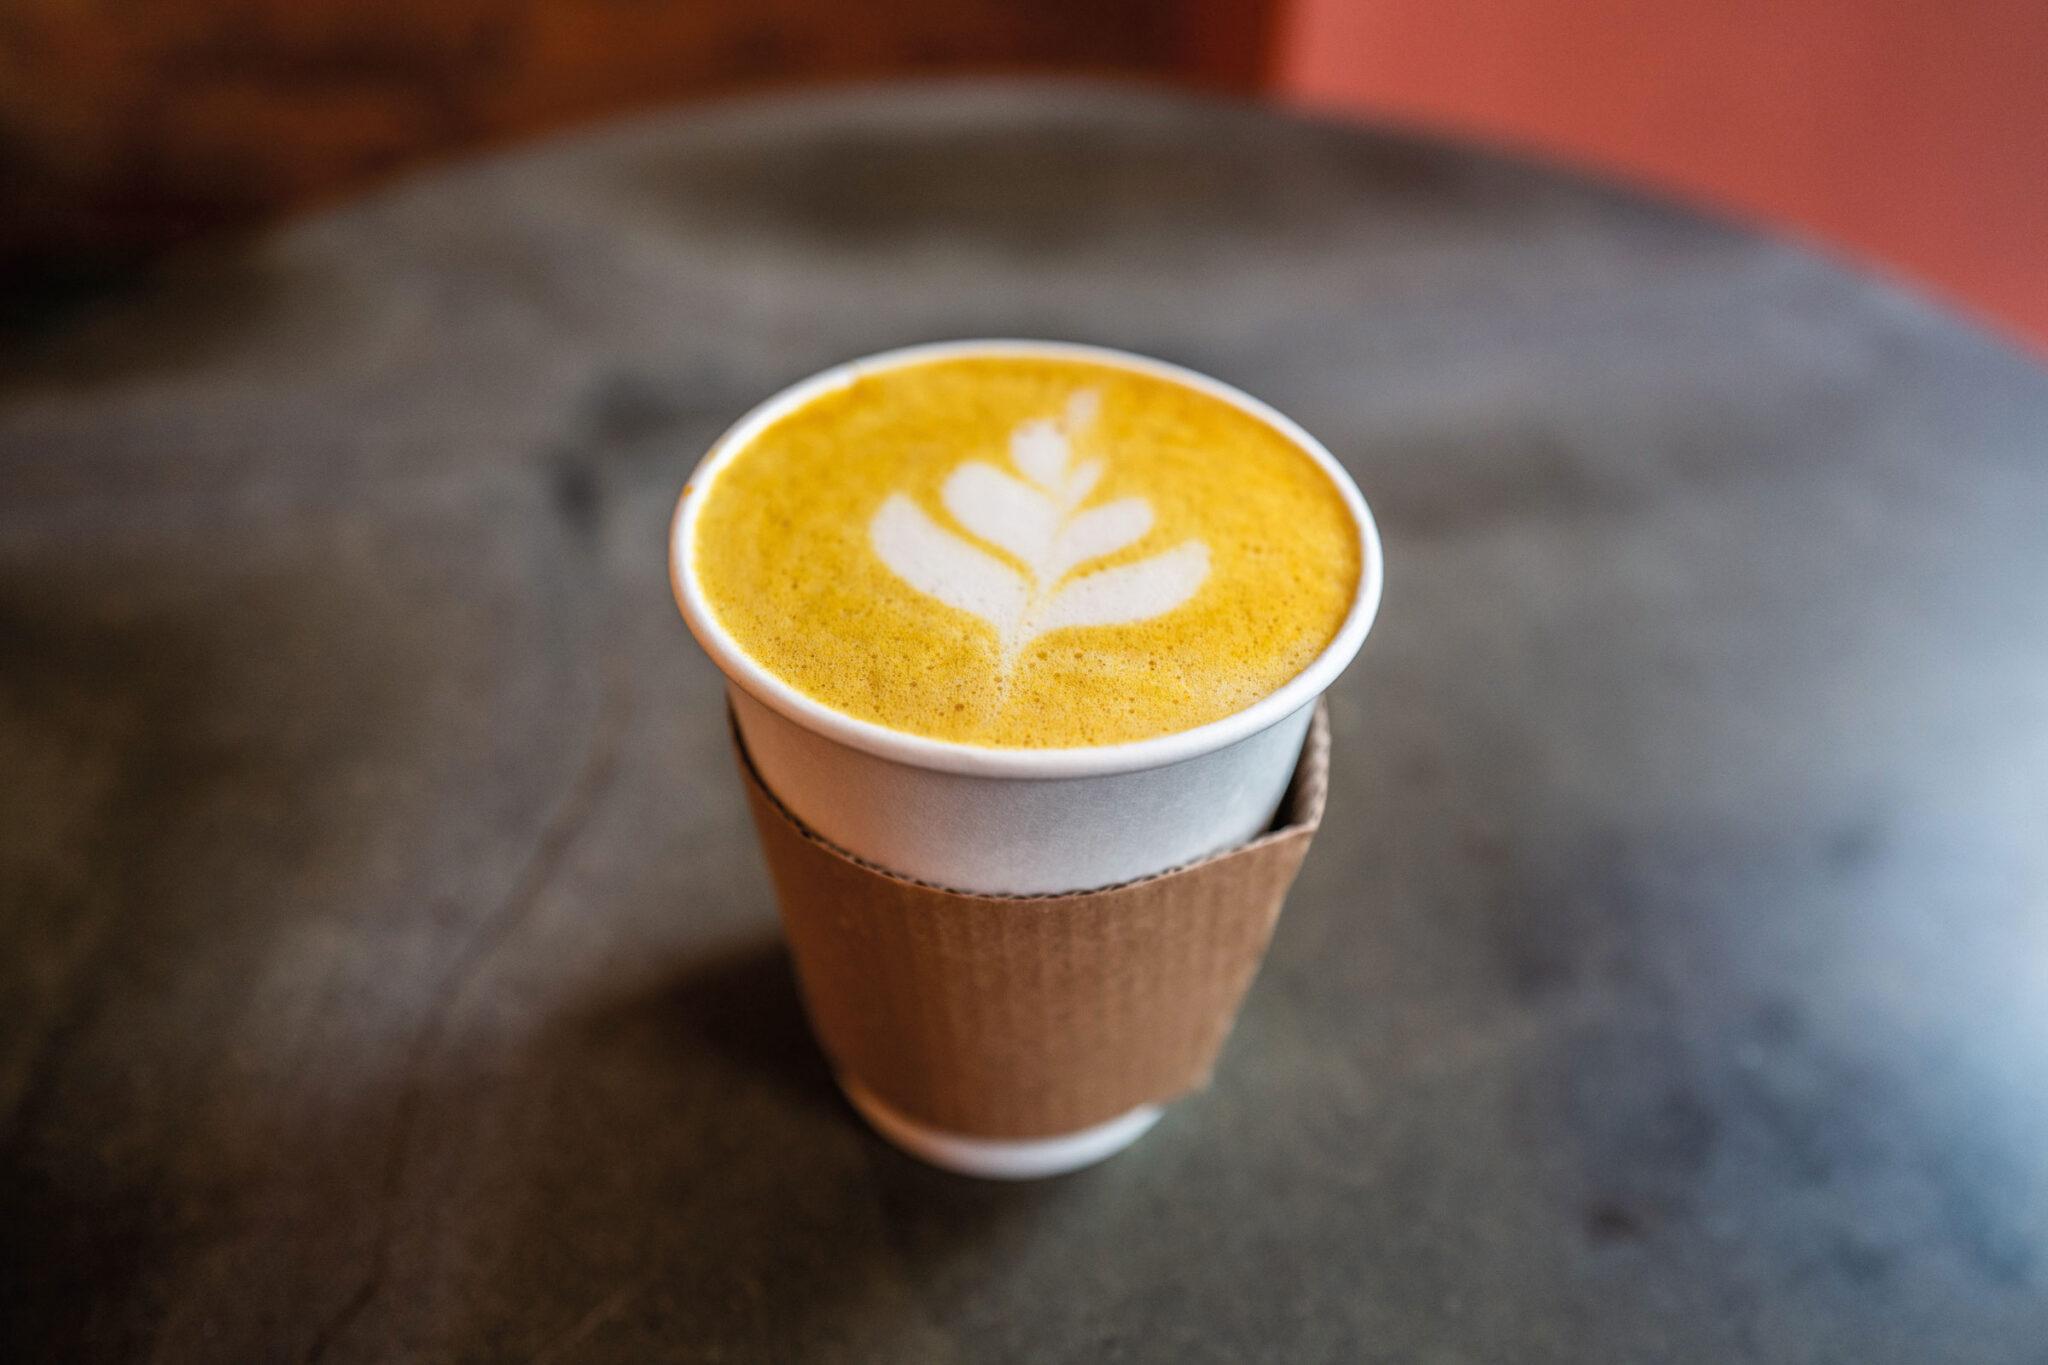 Heal Haus - Turmeric latte